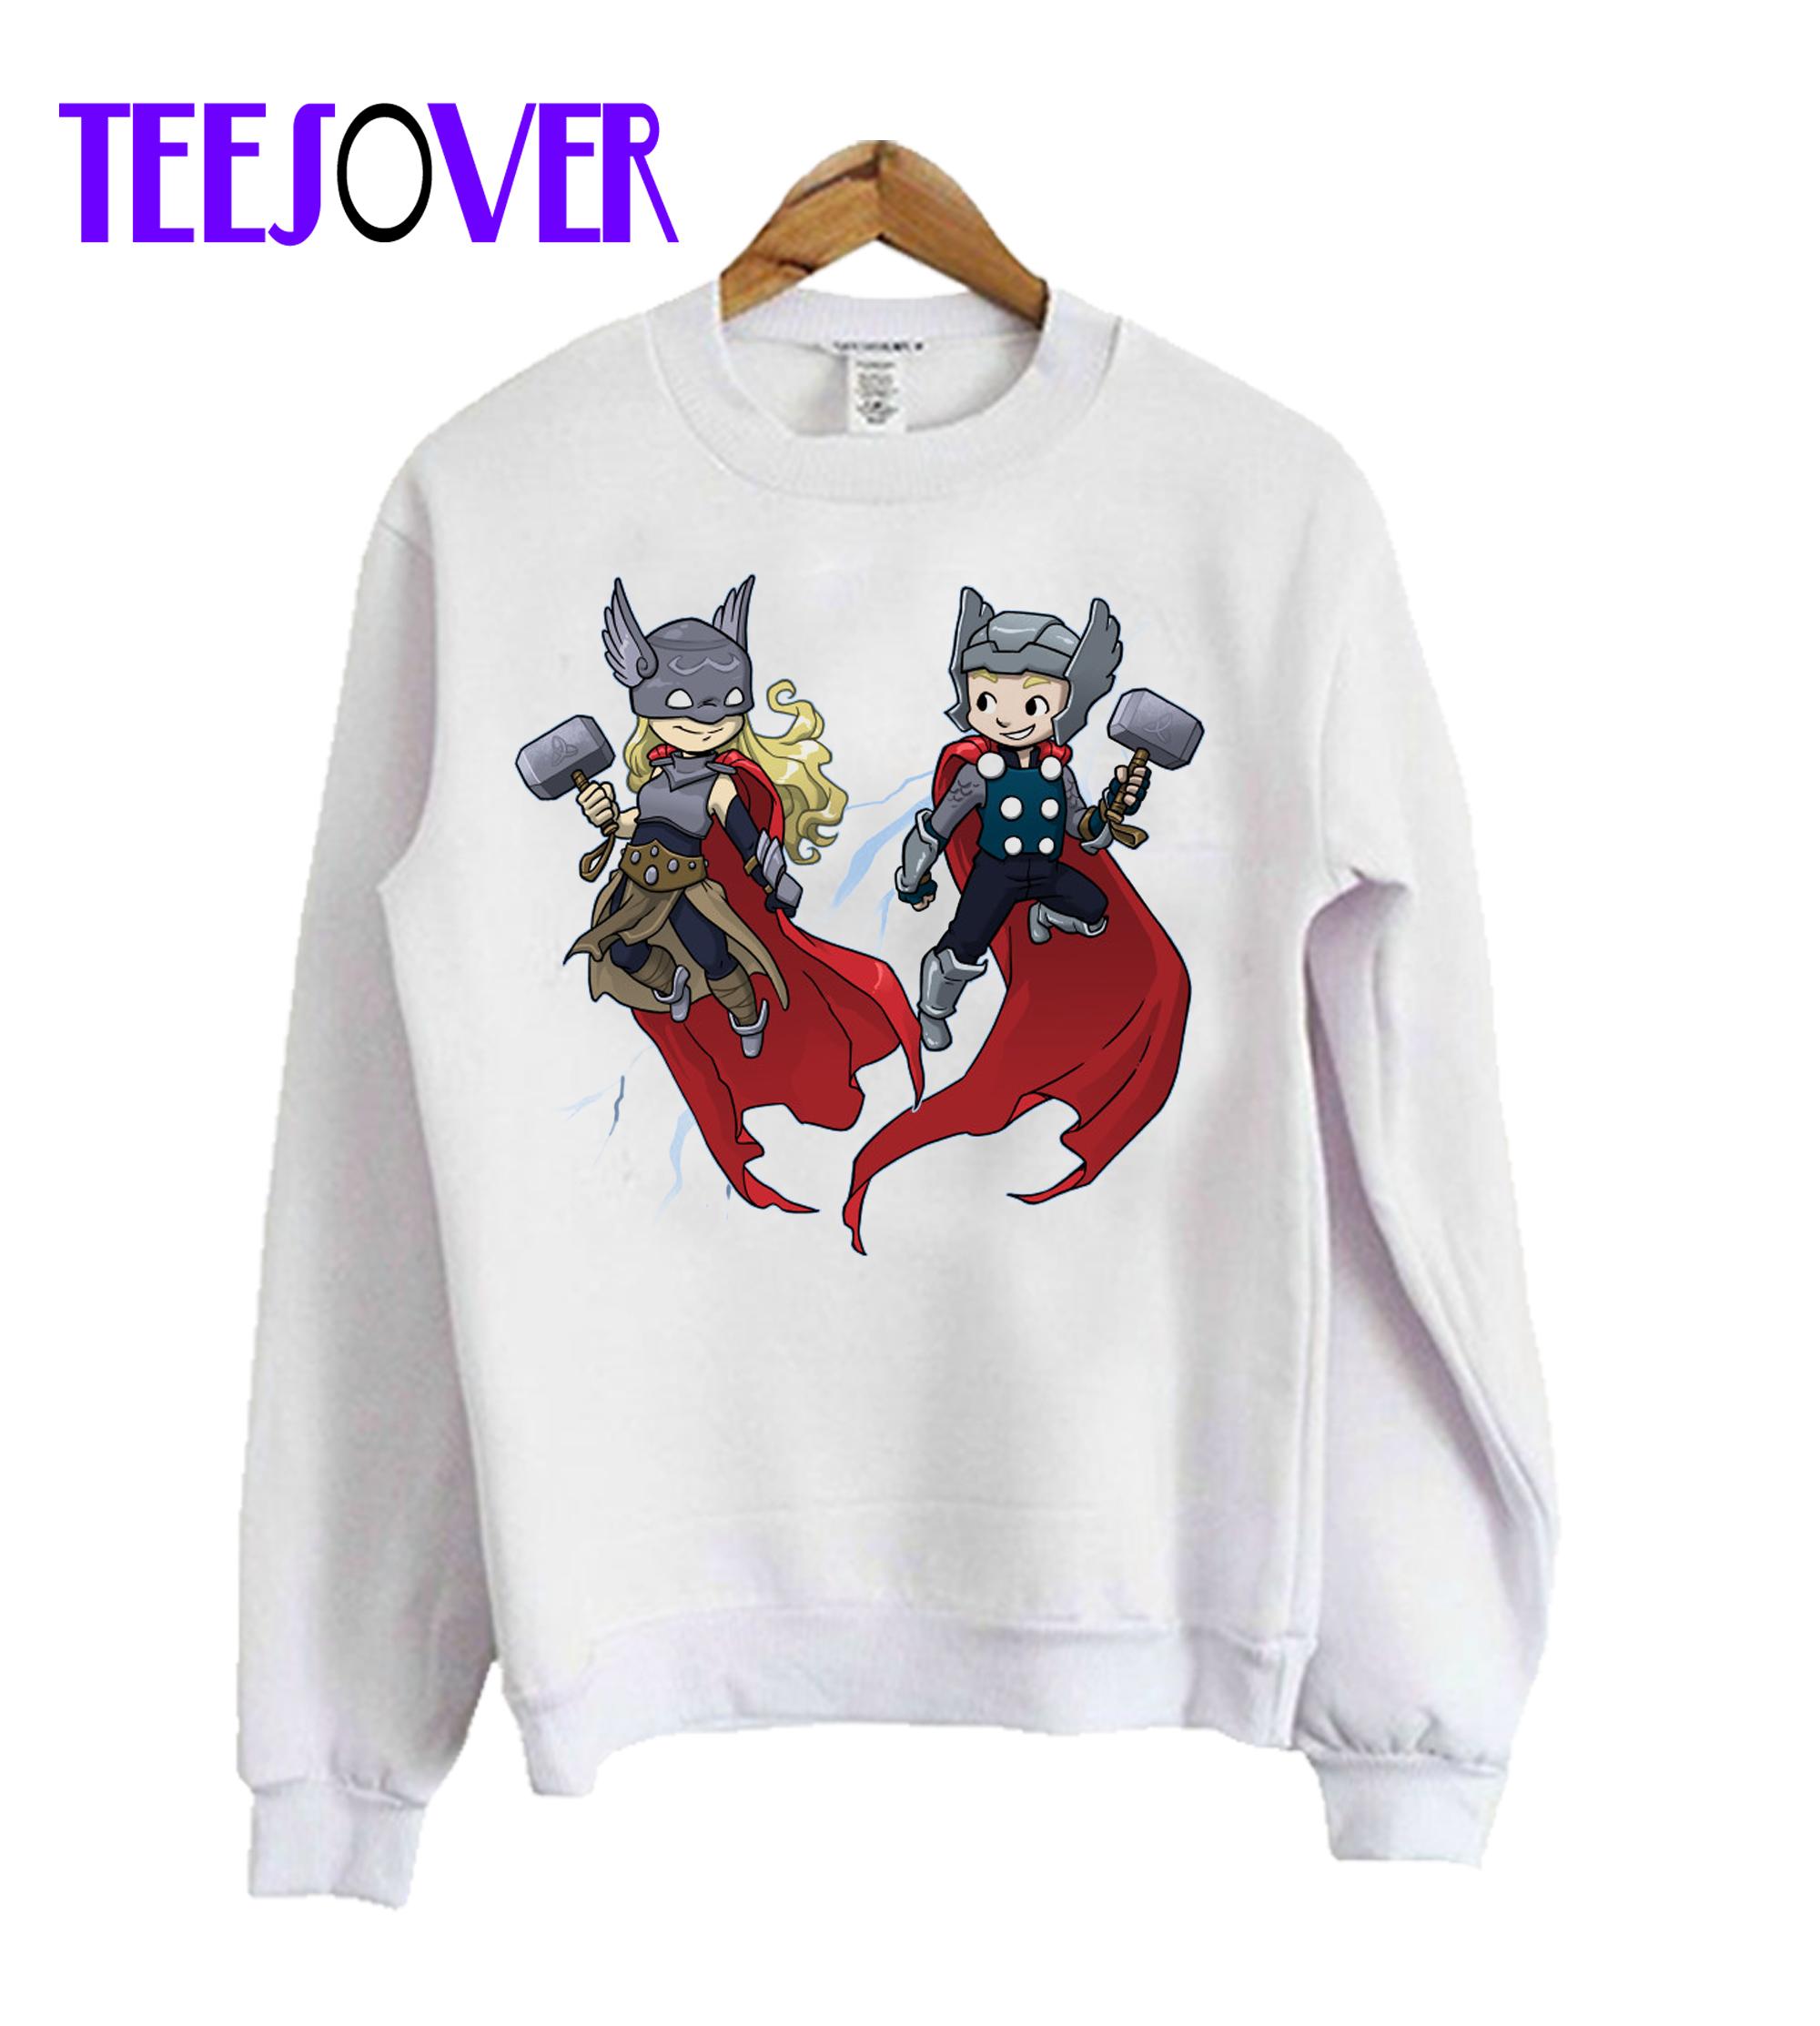 Double T Crewneck Sweatshirt